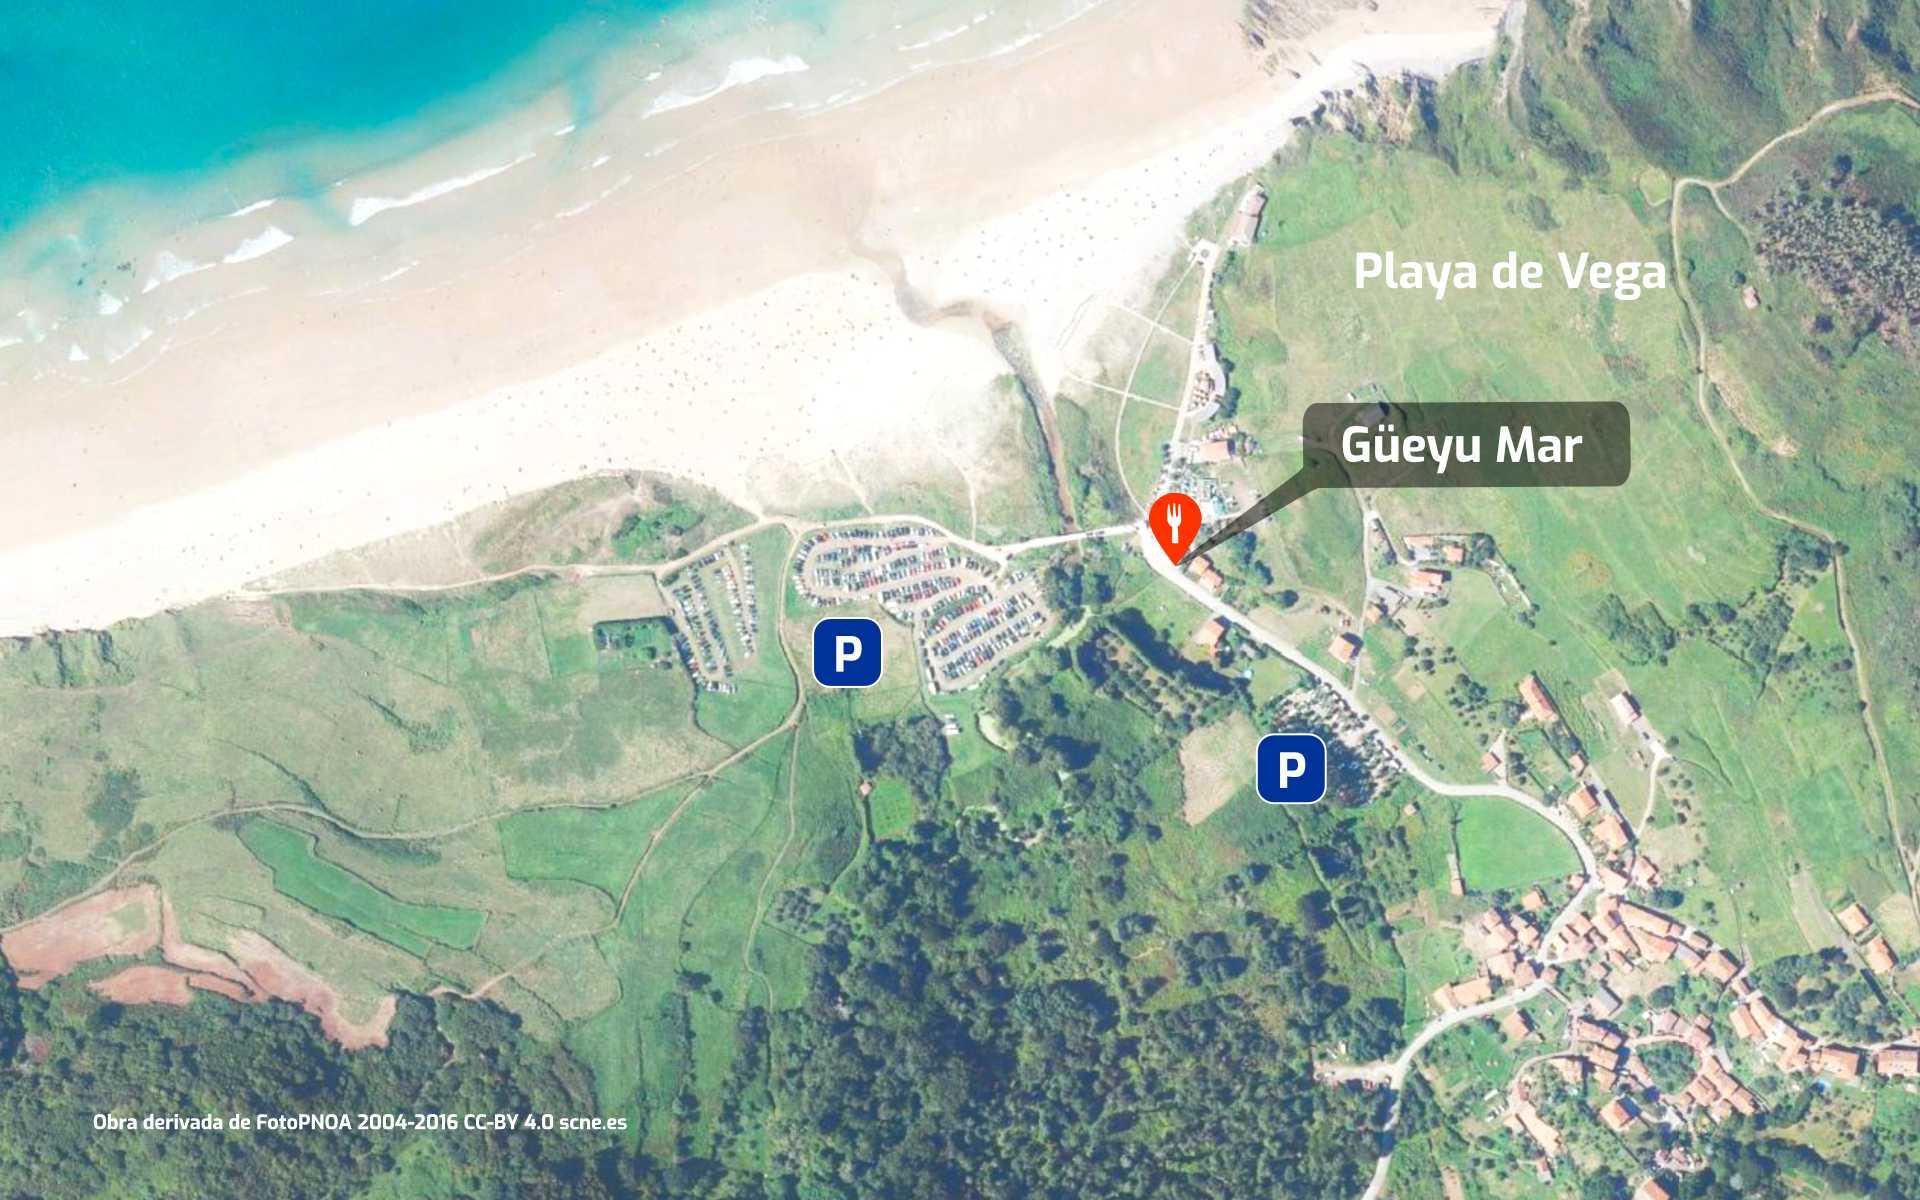 Mapa cómo llegar al restaurante Güeyu Mar en Playa de Vega de Ribadesella, Asturias